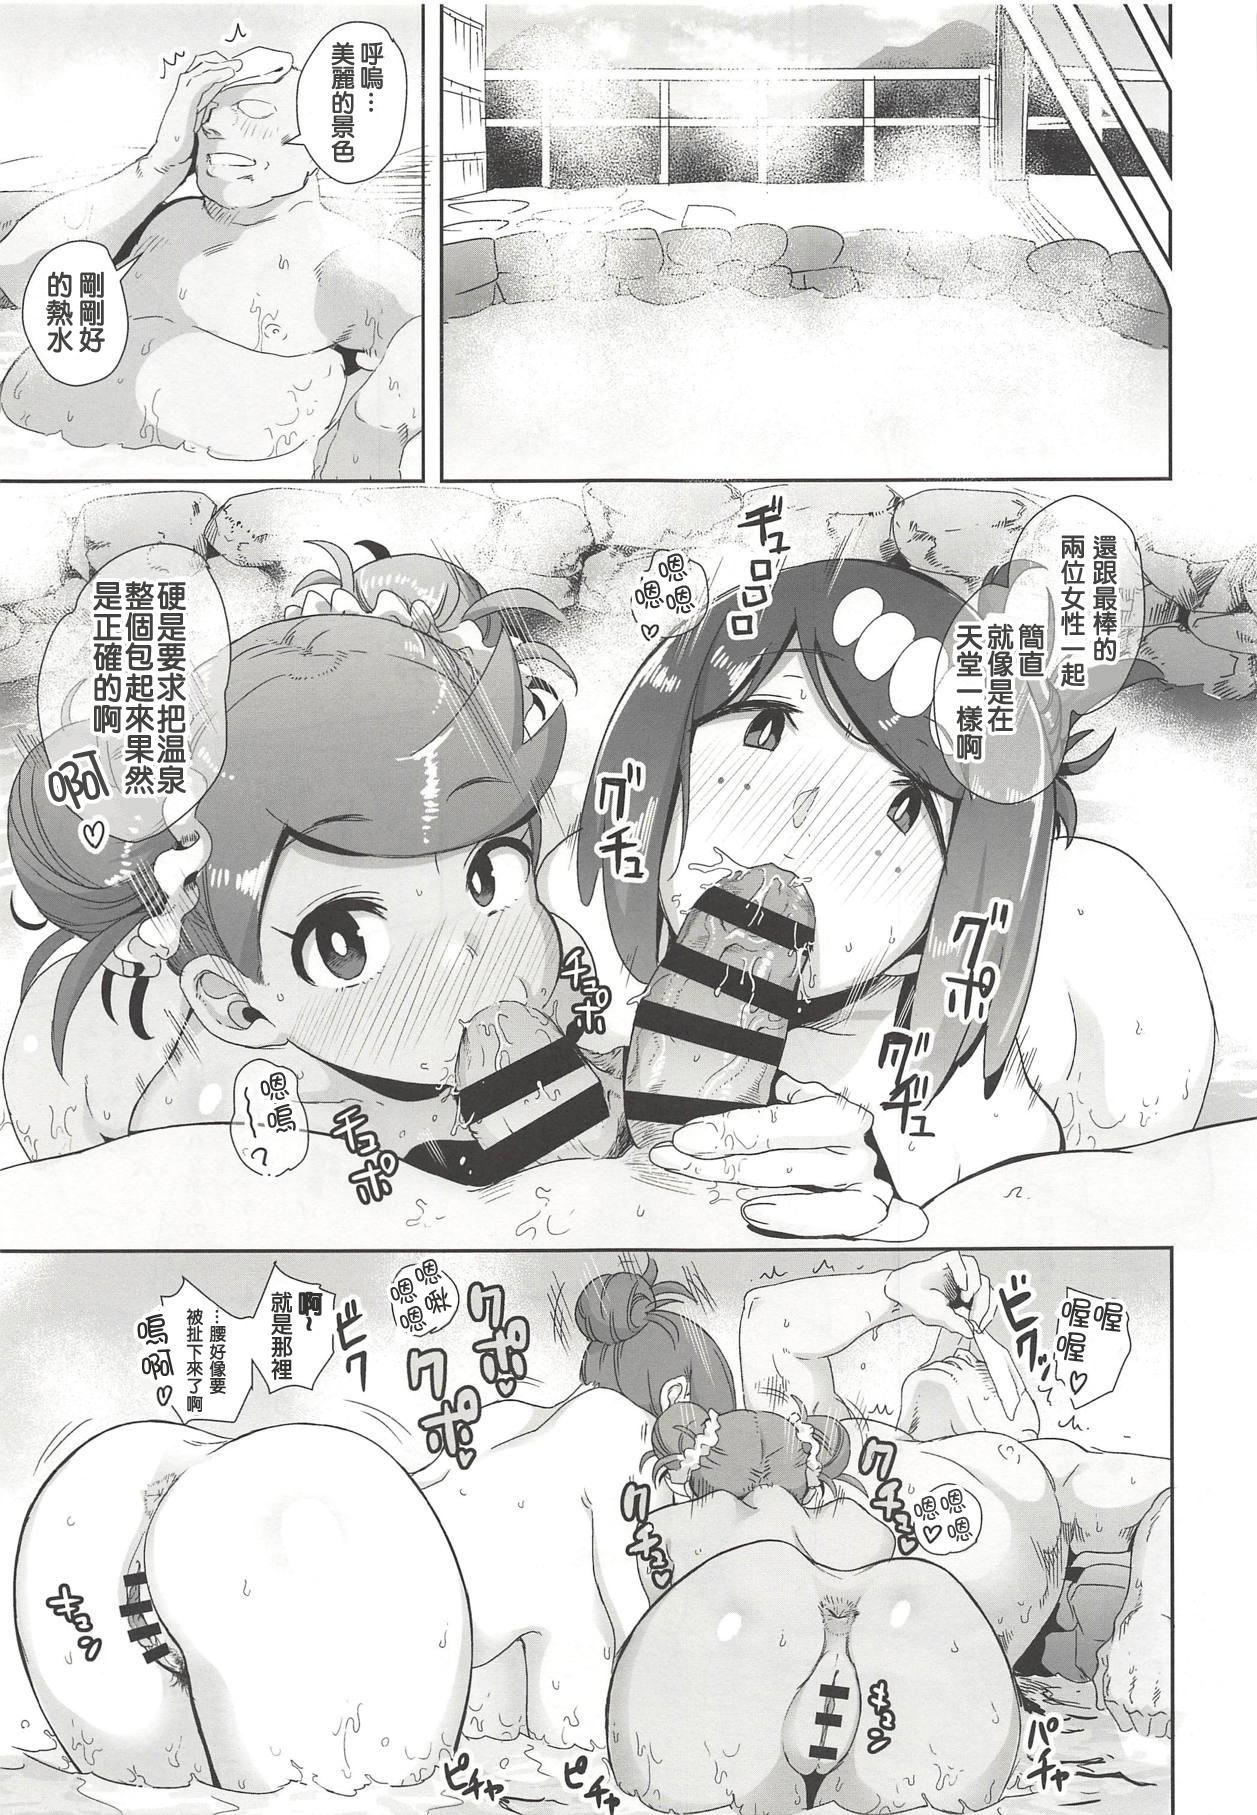 Alola no Yoru no Sugata 2 7